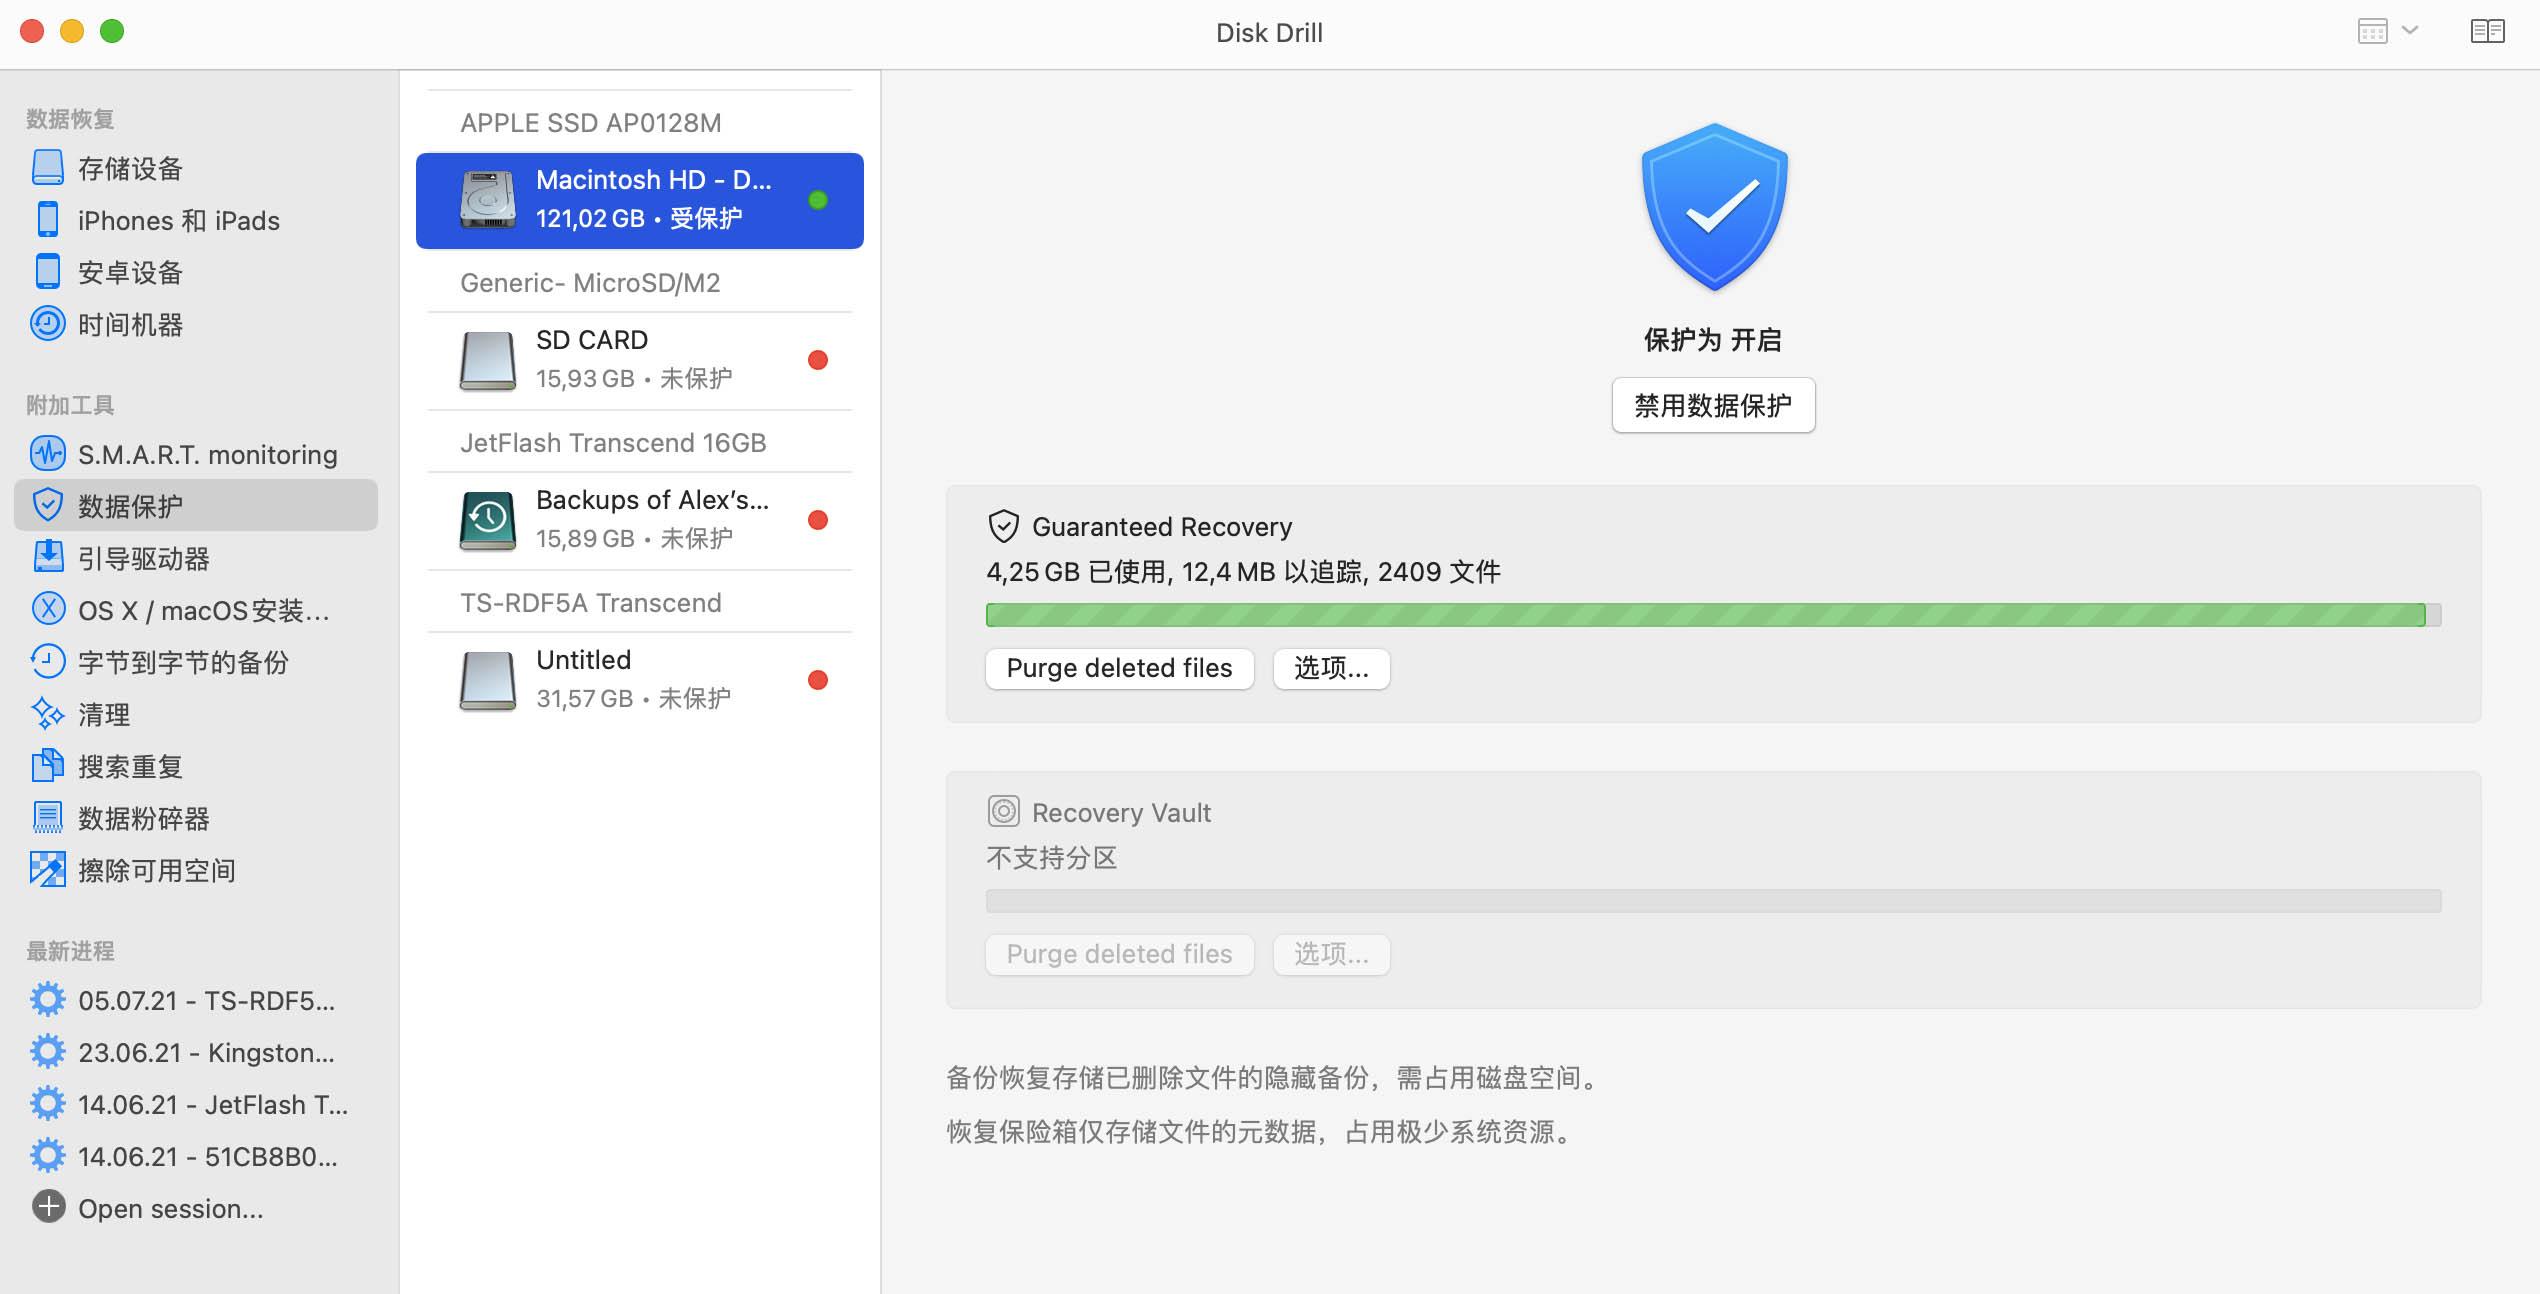 数据保护确保您的文件安全